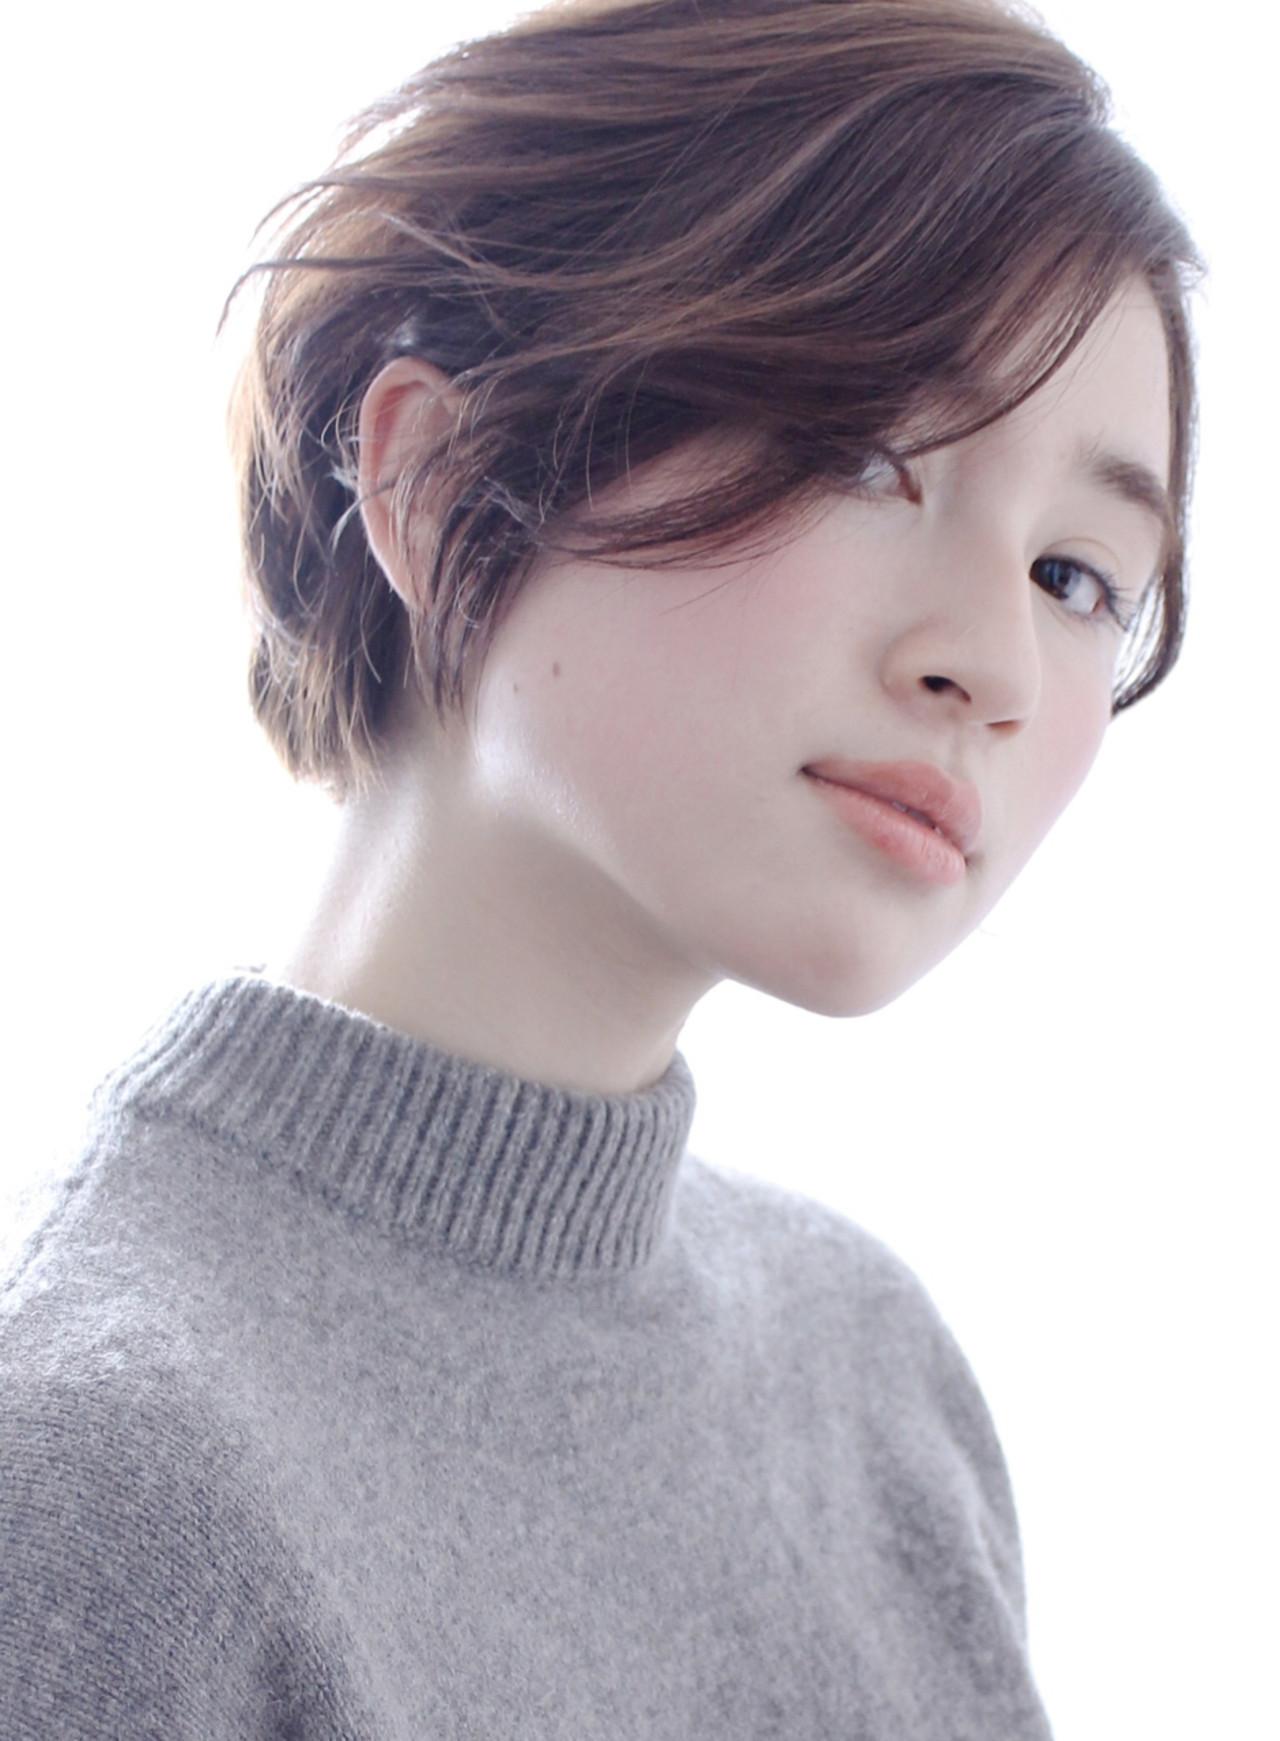 【最新】ふんわり癒し系!くせ毛風ショートヘアが可愛い? Hiroshi Kogure